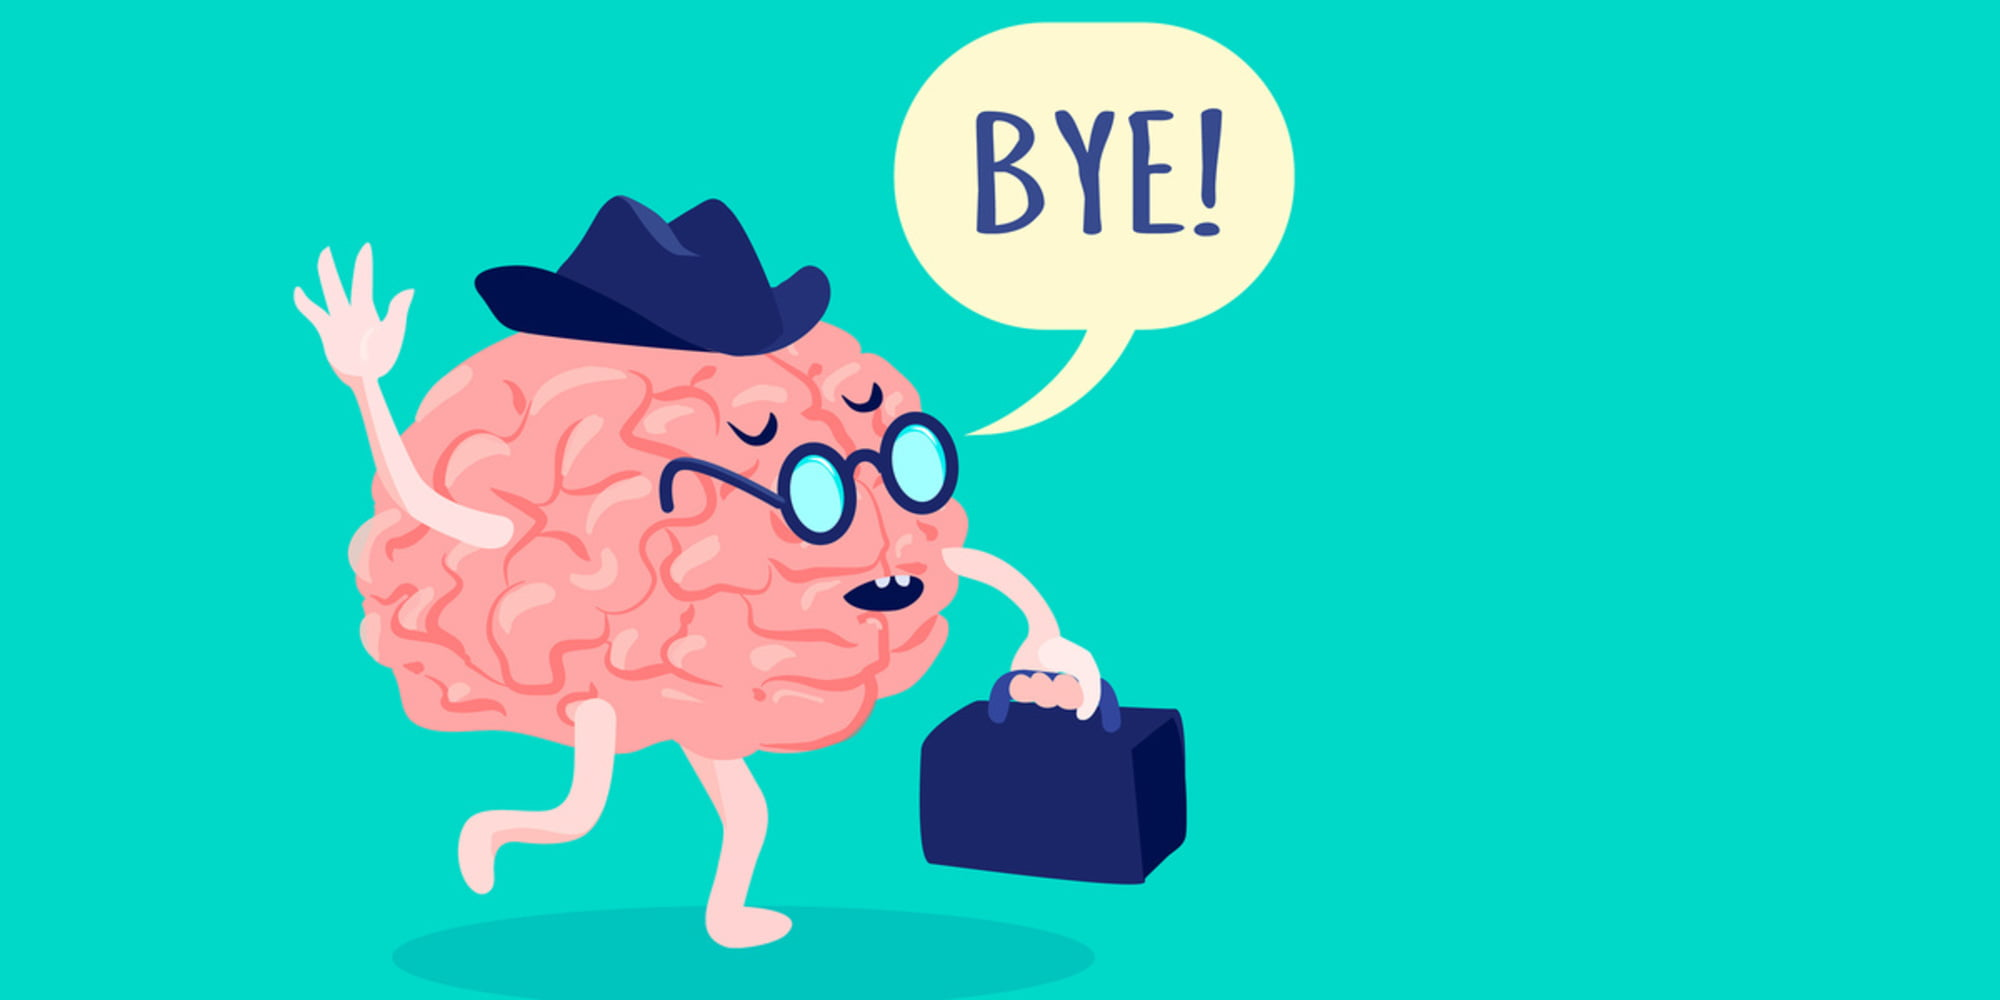 Δεν υπάρχει brain-drain. Υπάρχει brain-save.